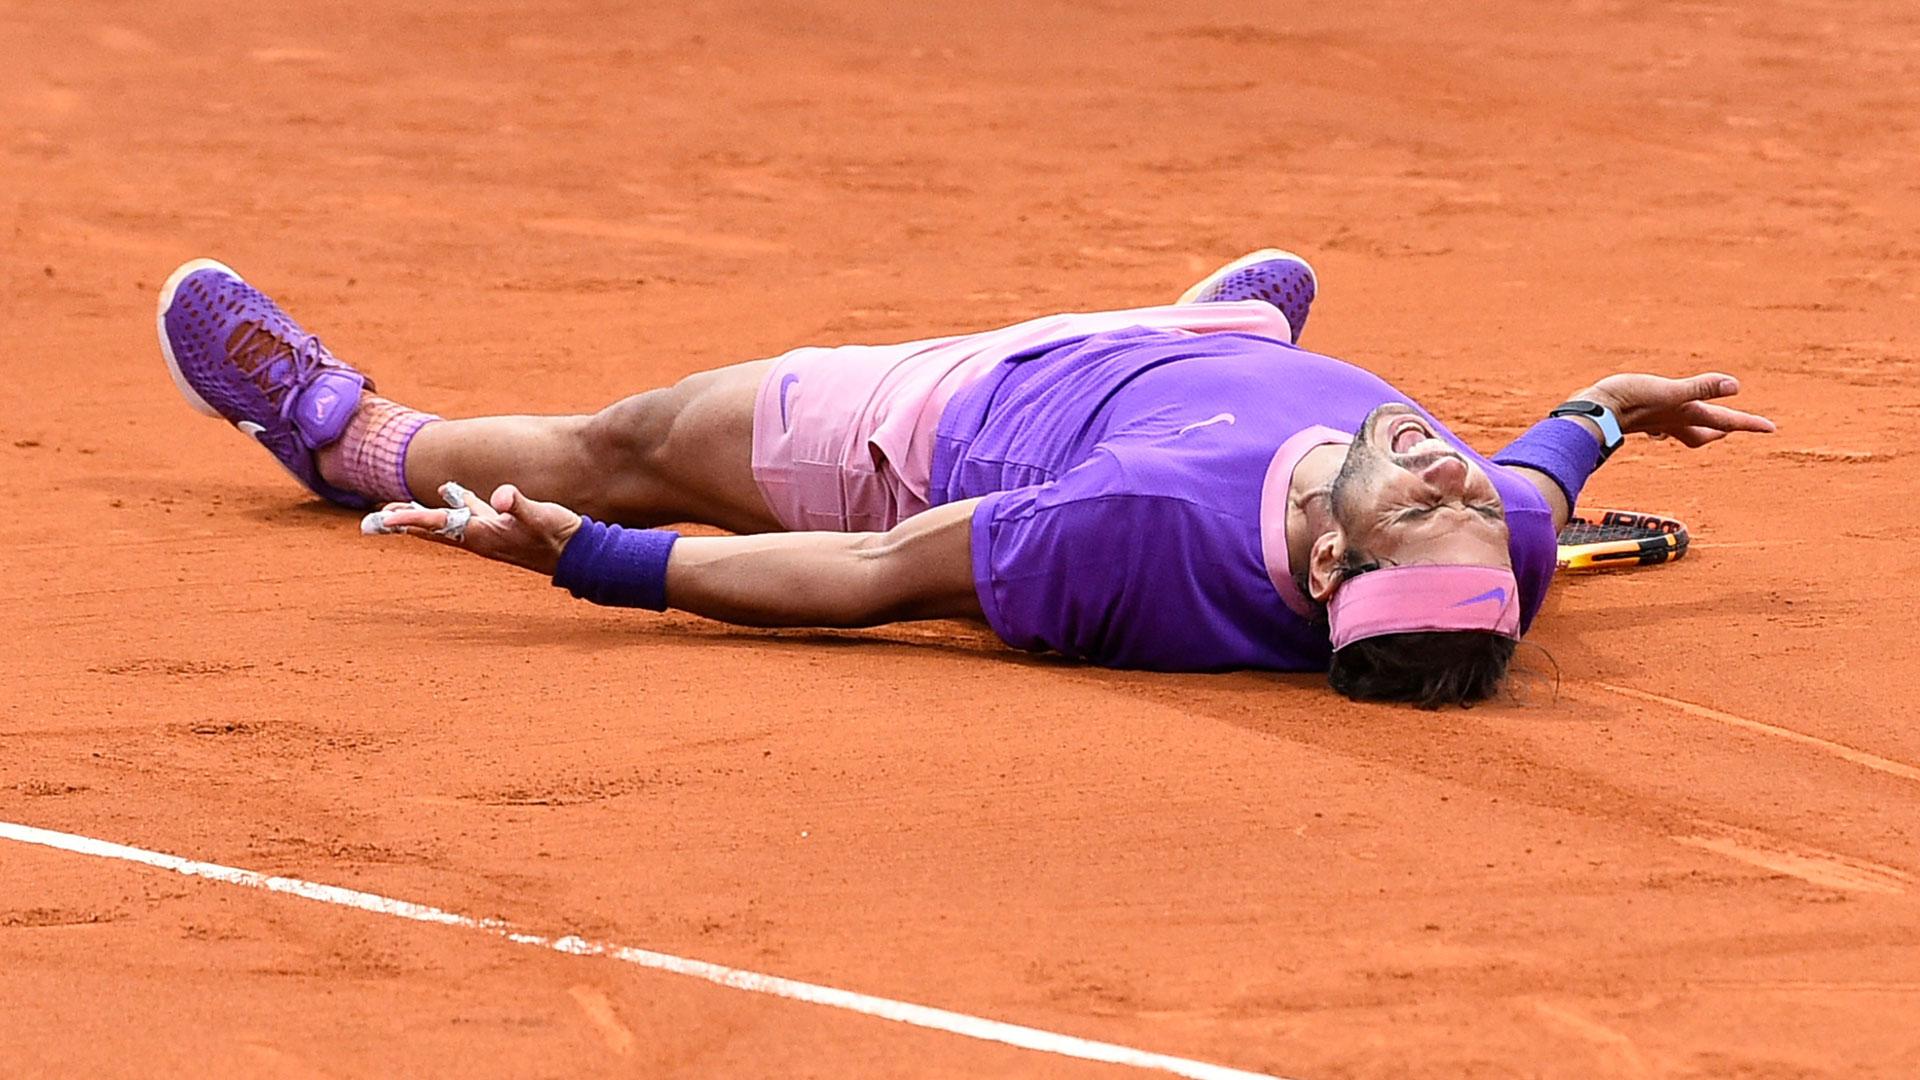 Nadal bersemangat untuk memenangkan final Barcelona Open pada 25 April.  Foto: ATP